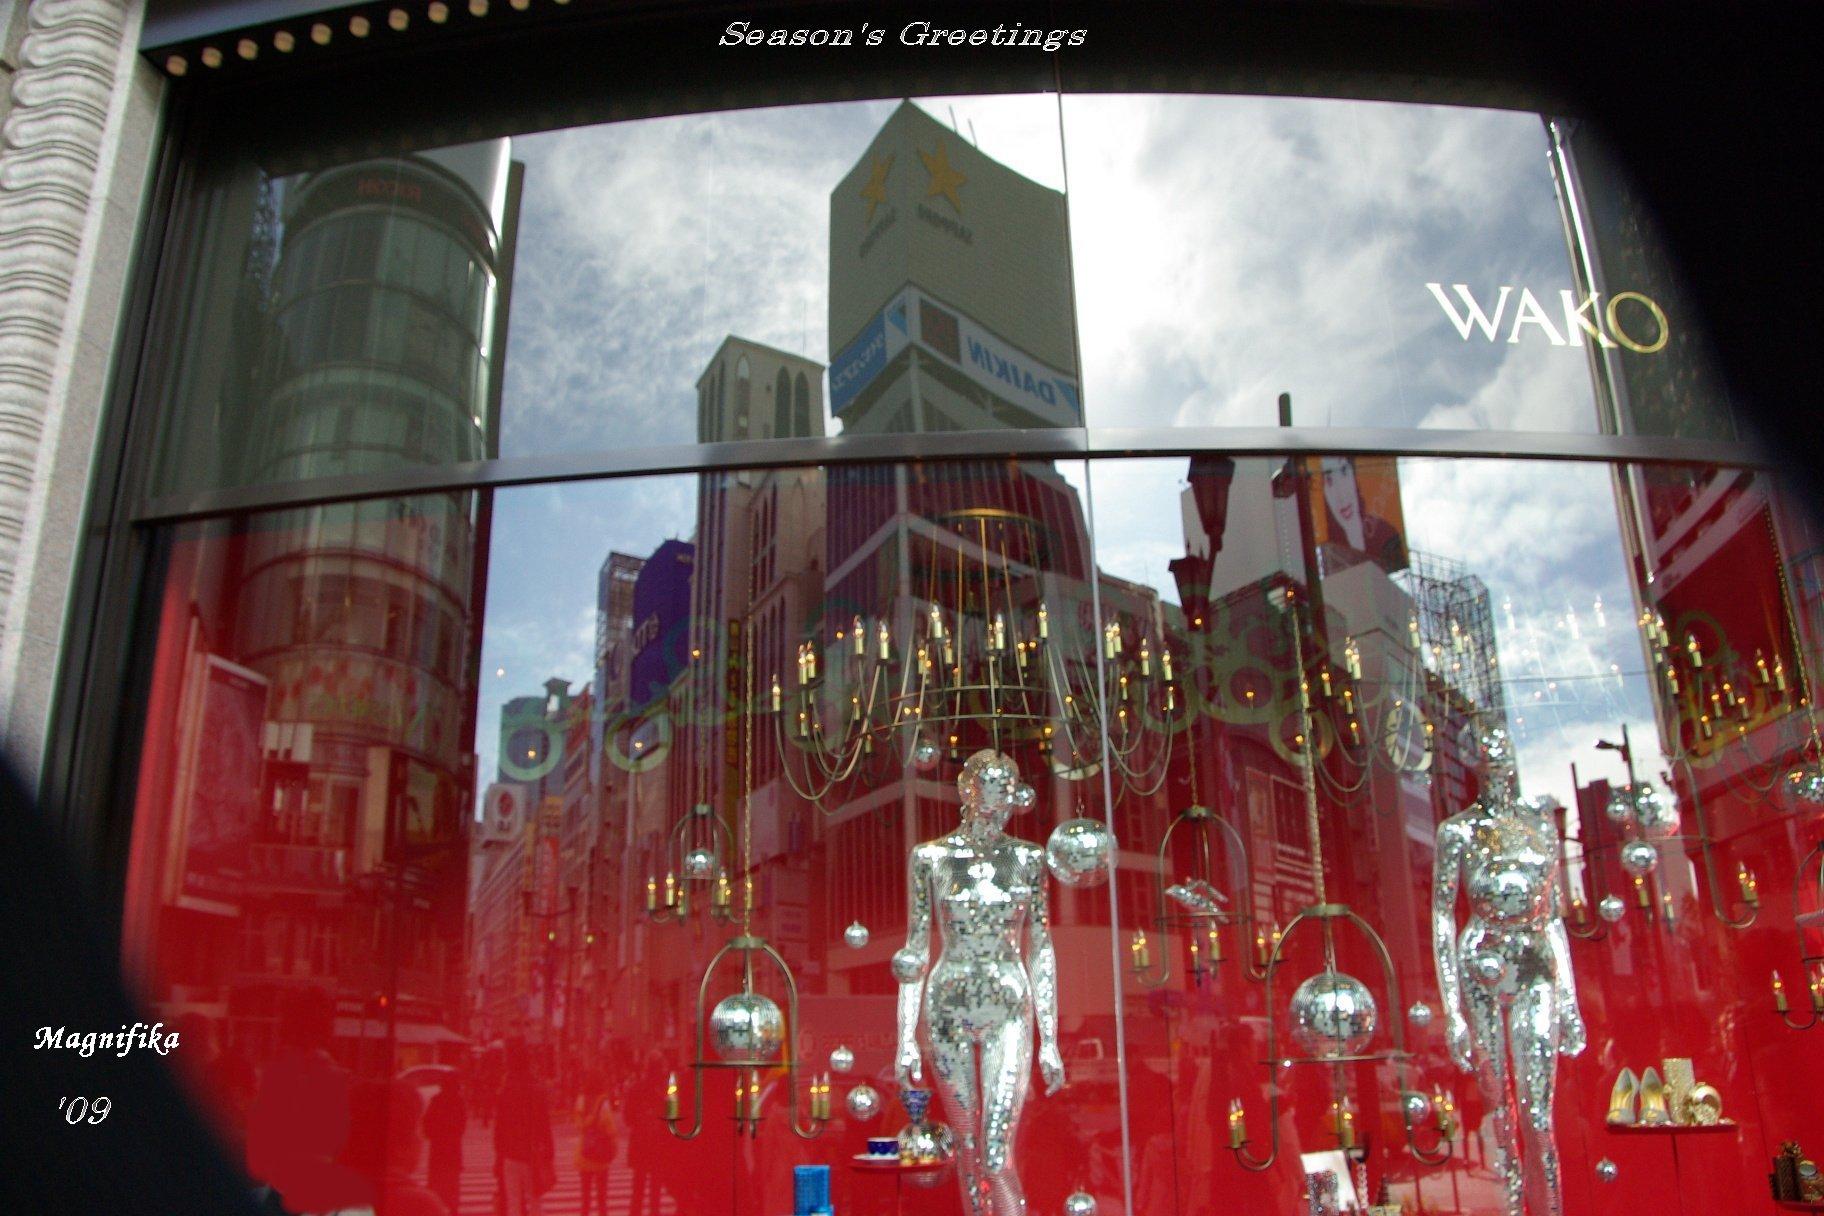 再び銀座のクリスマス Christmas Decoration Views of Ginza, Again_e0140365_20443186.jpg